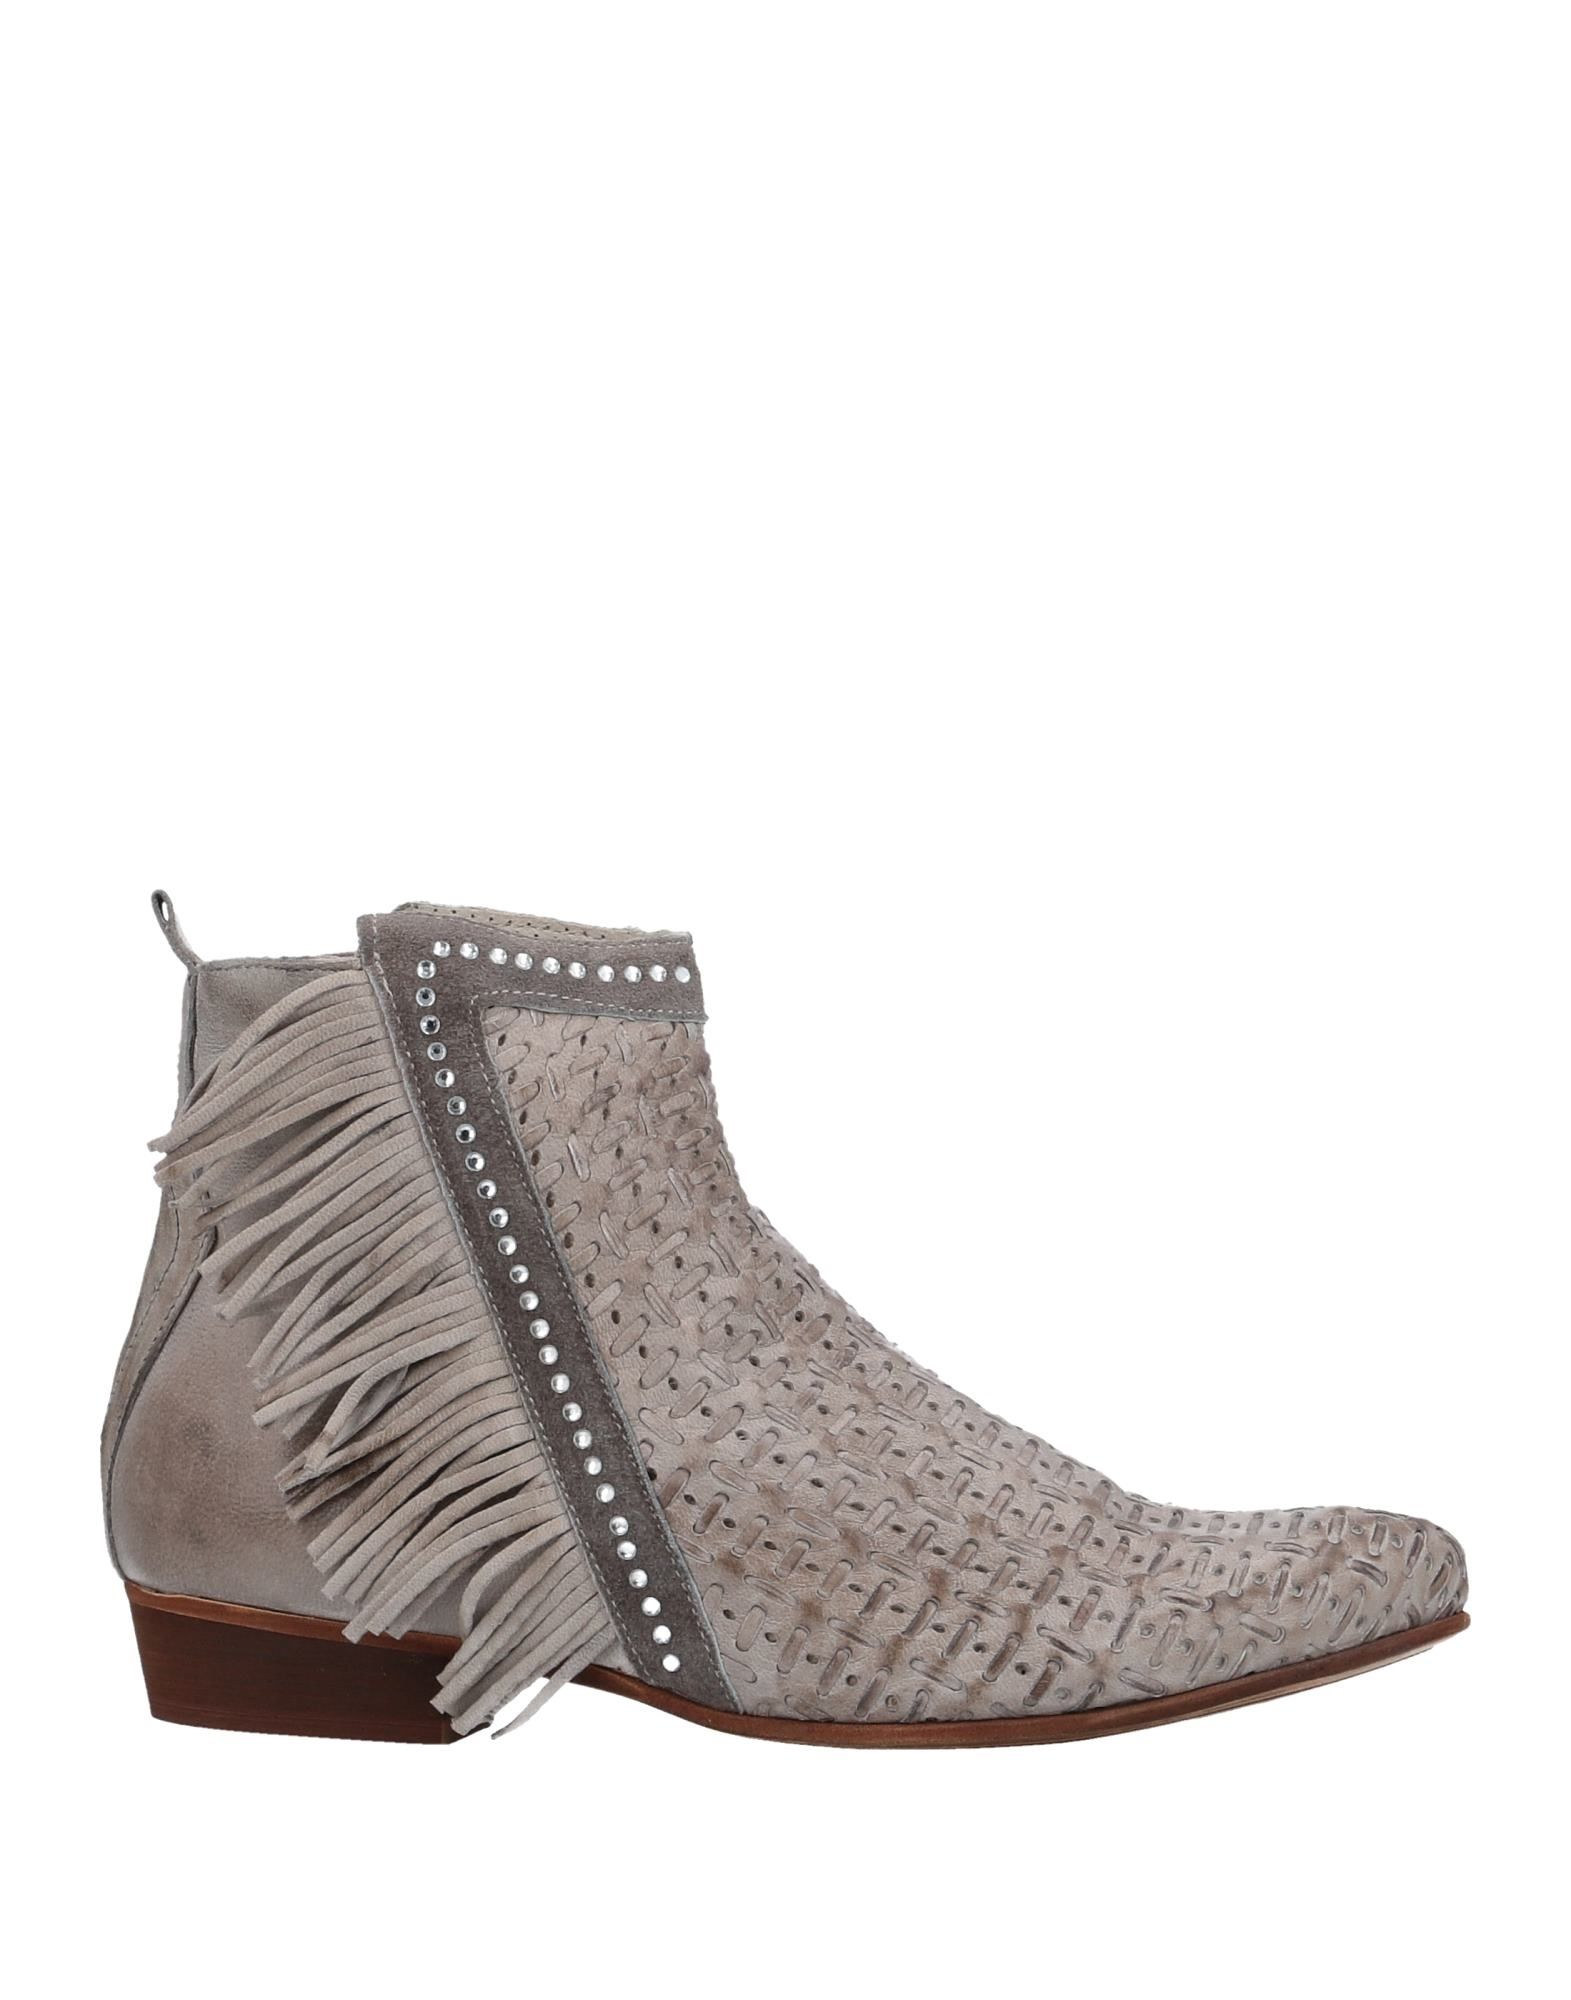 Piranha Stiefelette Damen  11506345IH Gute Qualität beliebte Schuhe